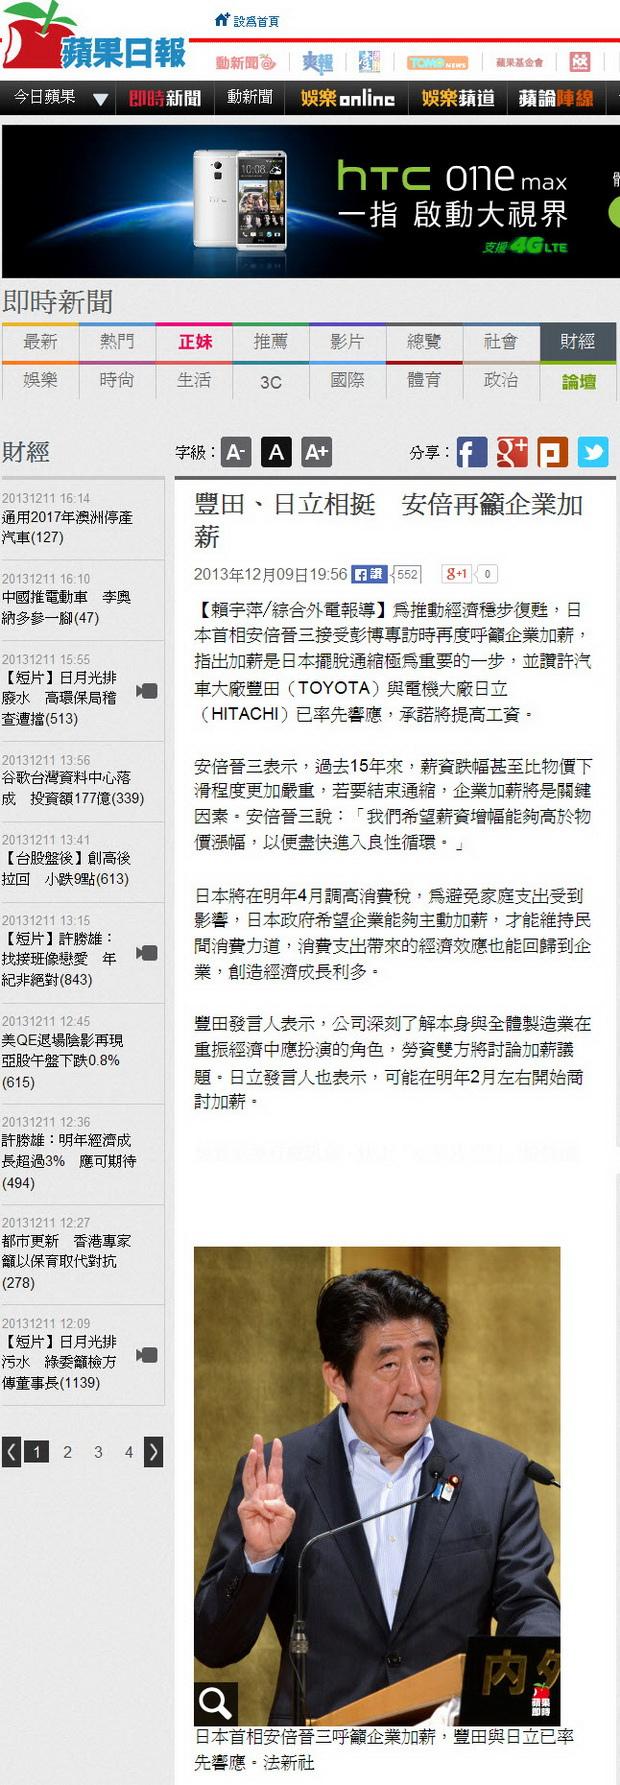 豐田、日立相挺 安倍再籲企業加薪-2013.12.09.jpg